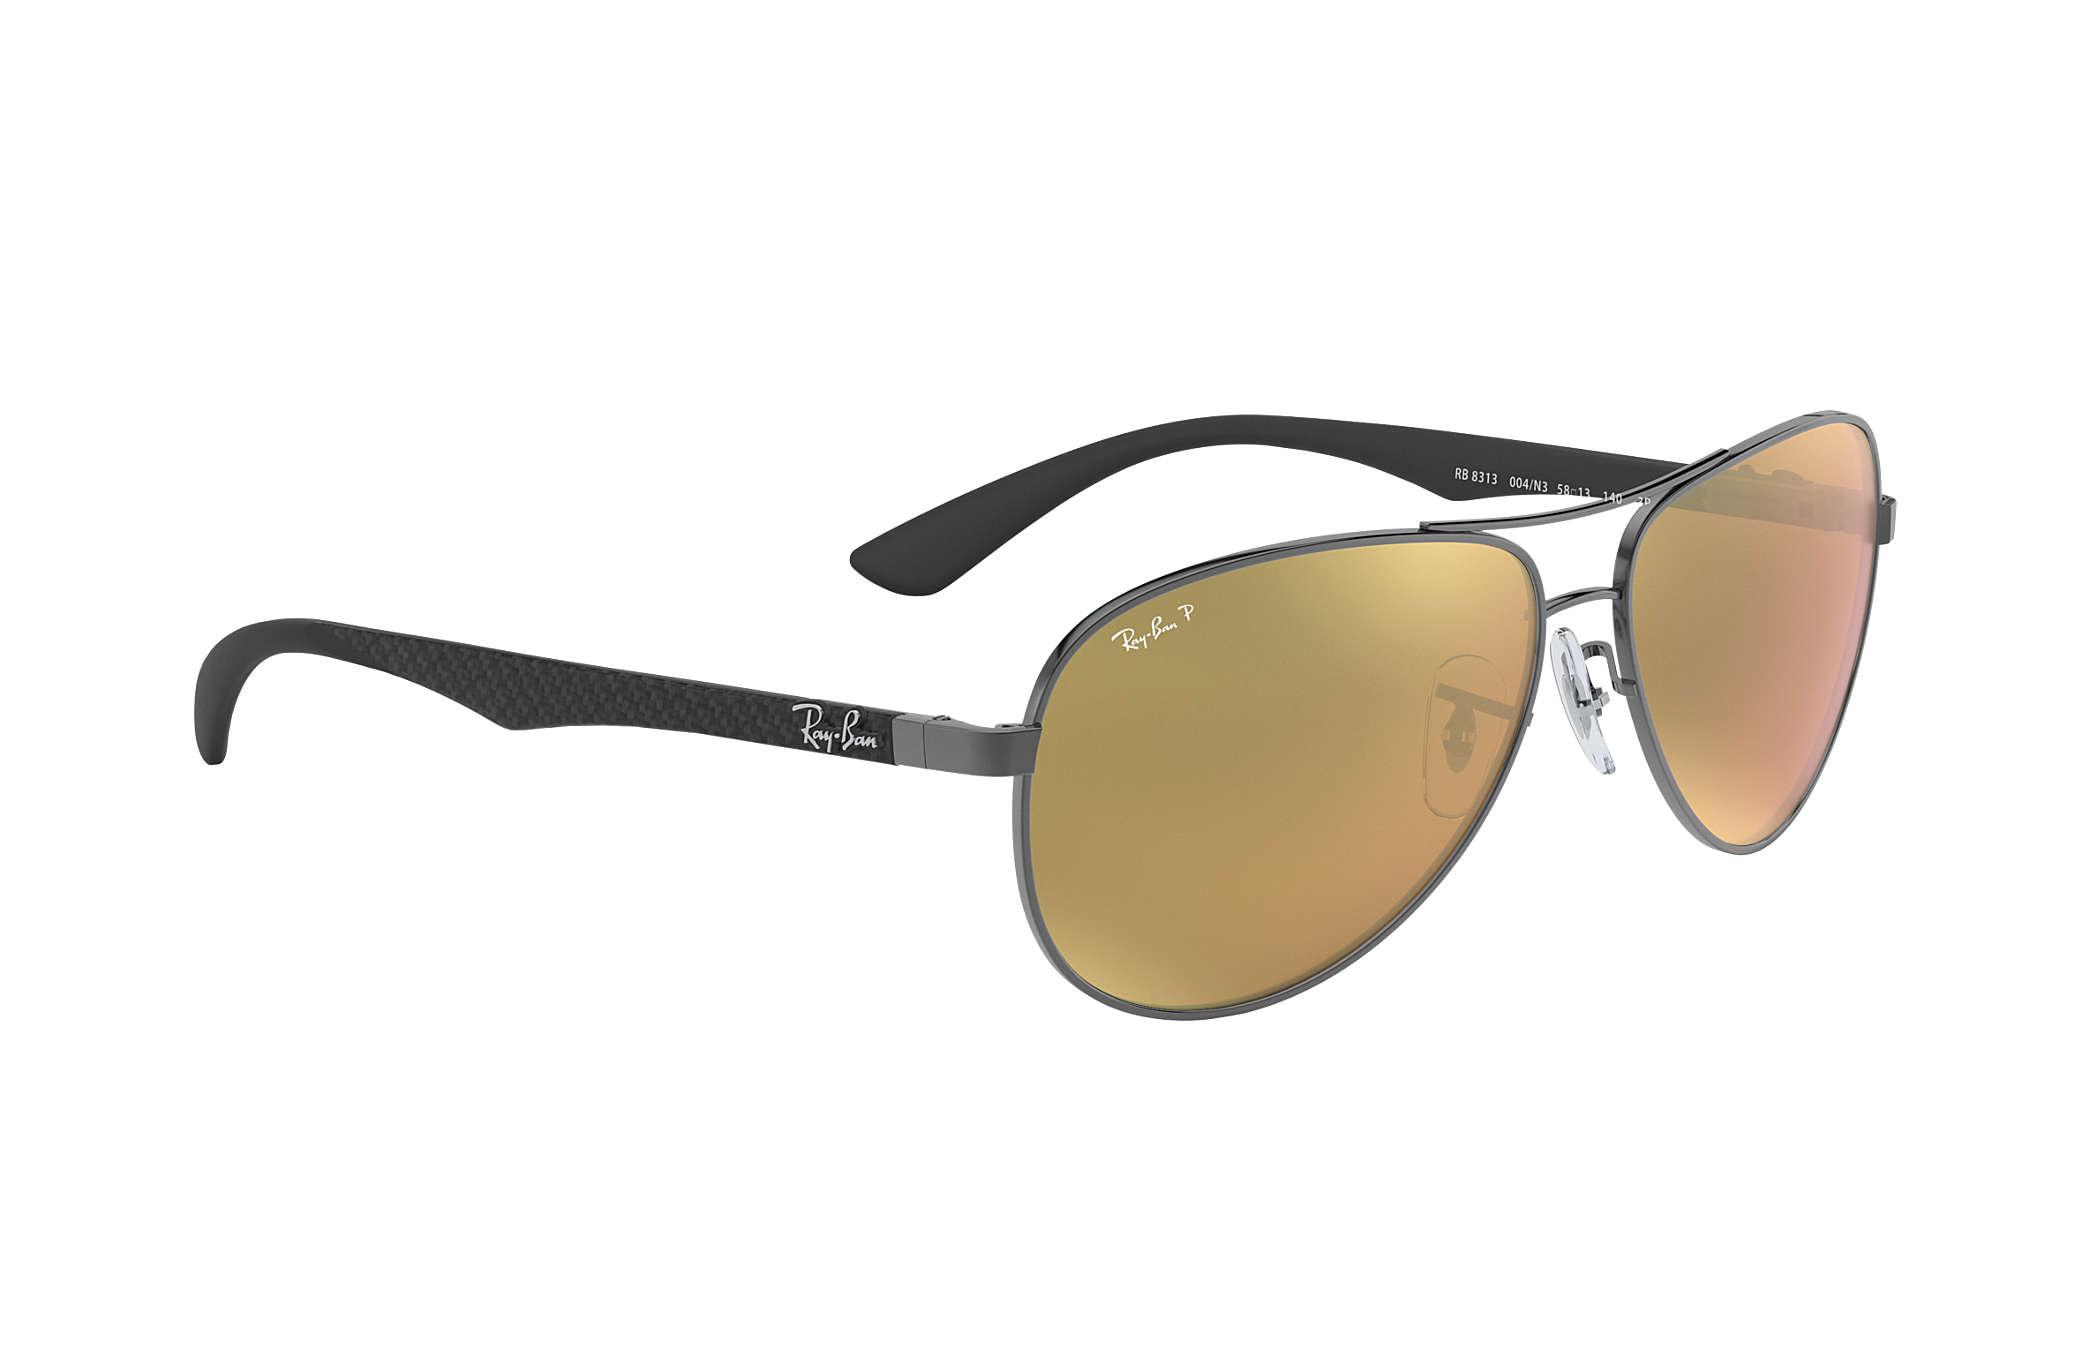 Ray Ban Tech RB8313 RB8313 RayBan Pilot Sunglasses